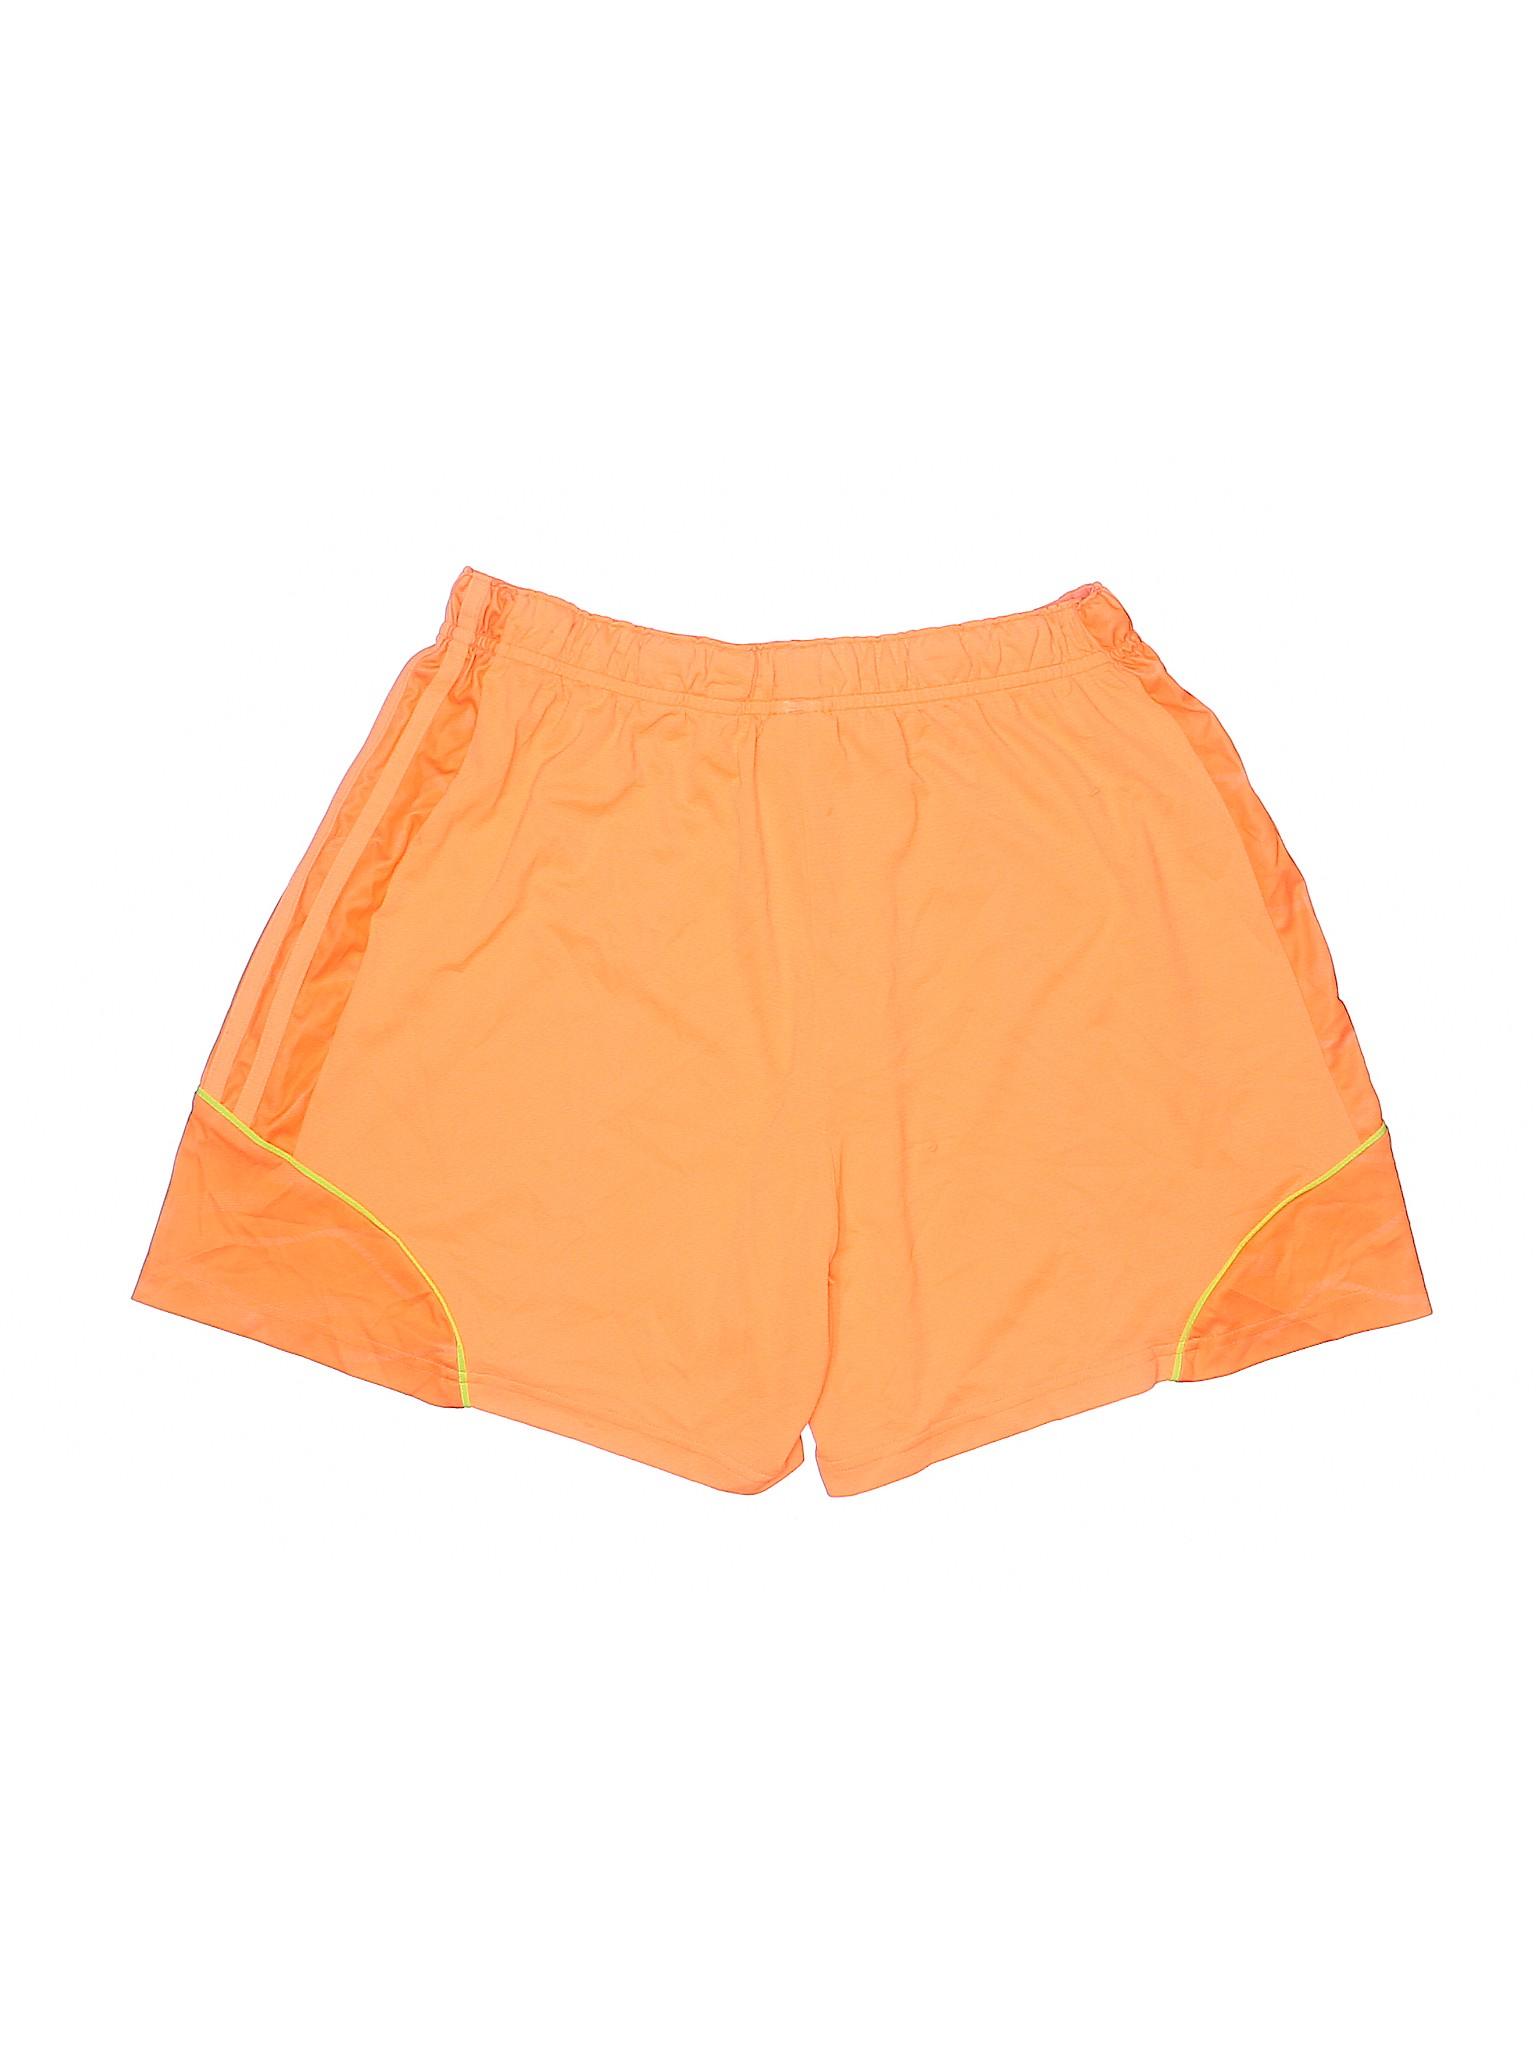 Athletic Shorts Athletic Boutique Boutique Adidas Athletic Adidas Adidas Shorts Shorts Boutique Adidas Shorts Boutique Athletic Boutique rfHwqEr